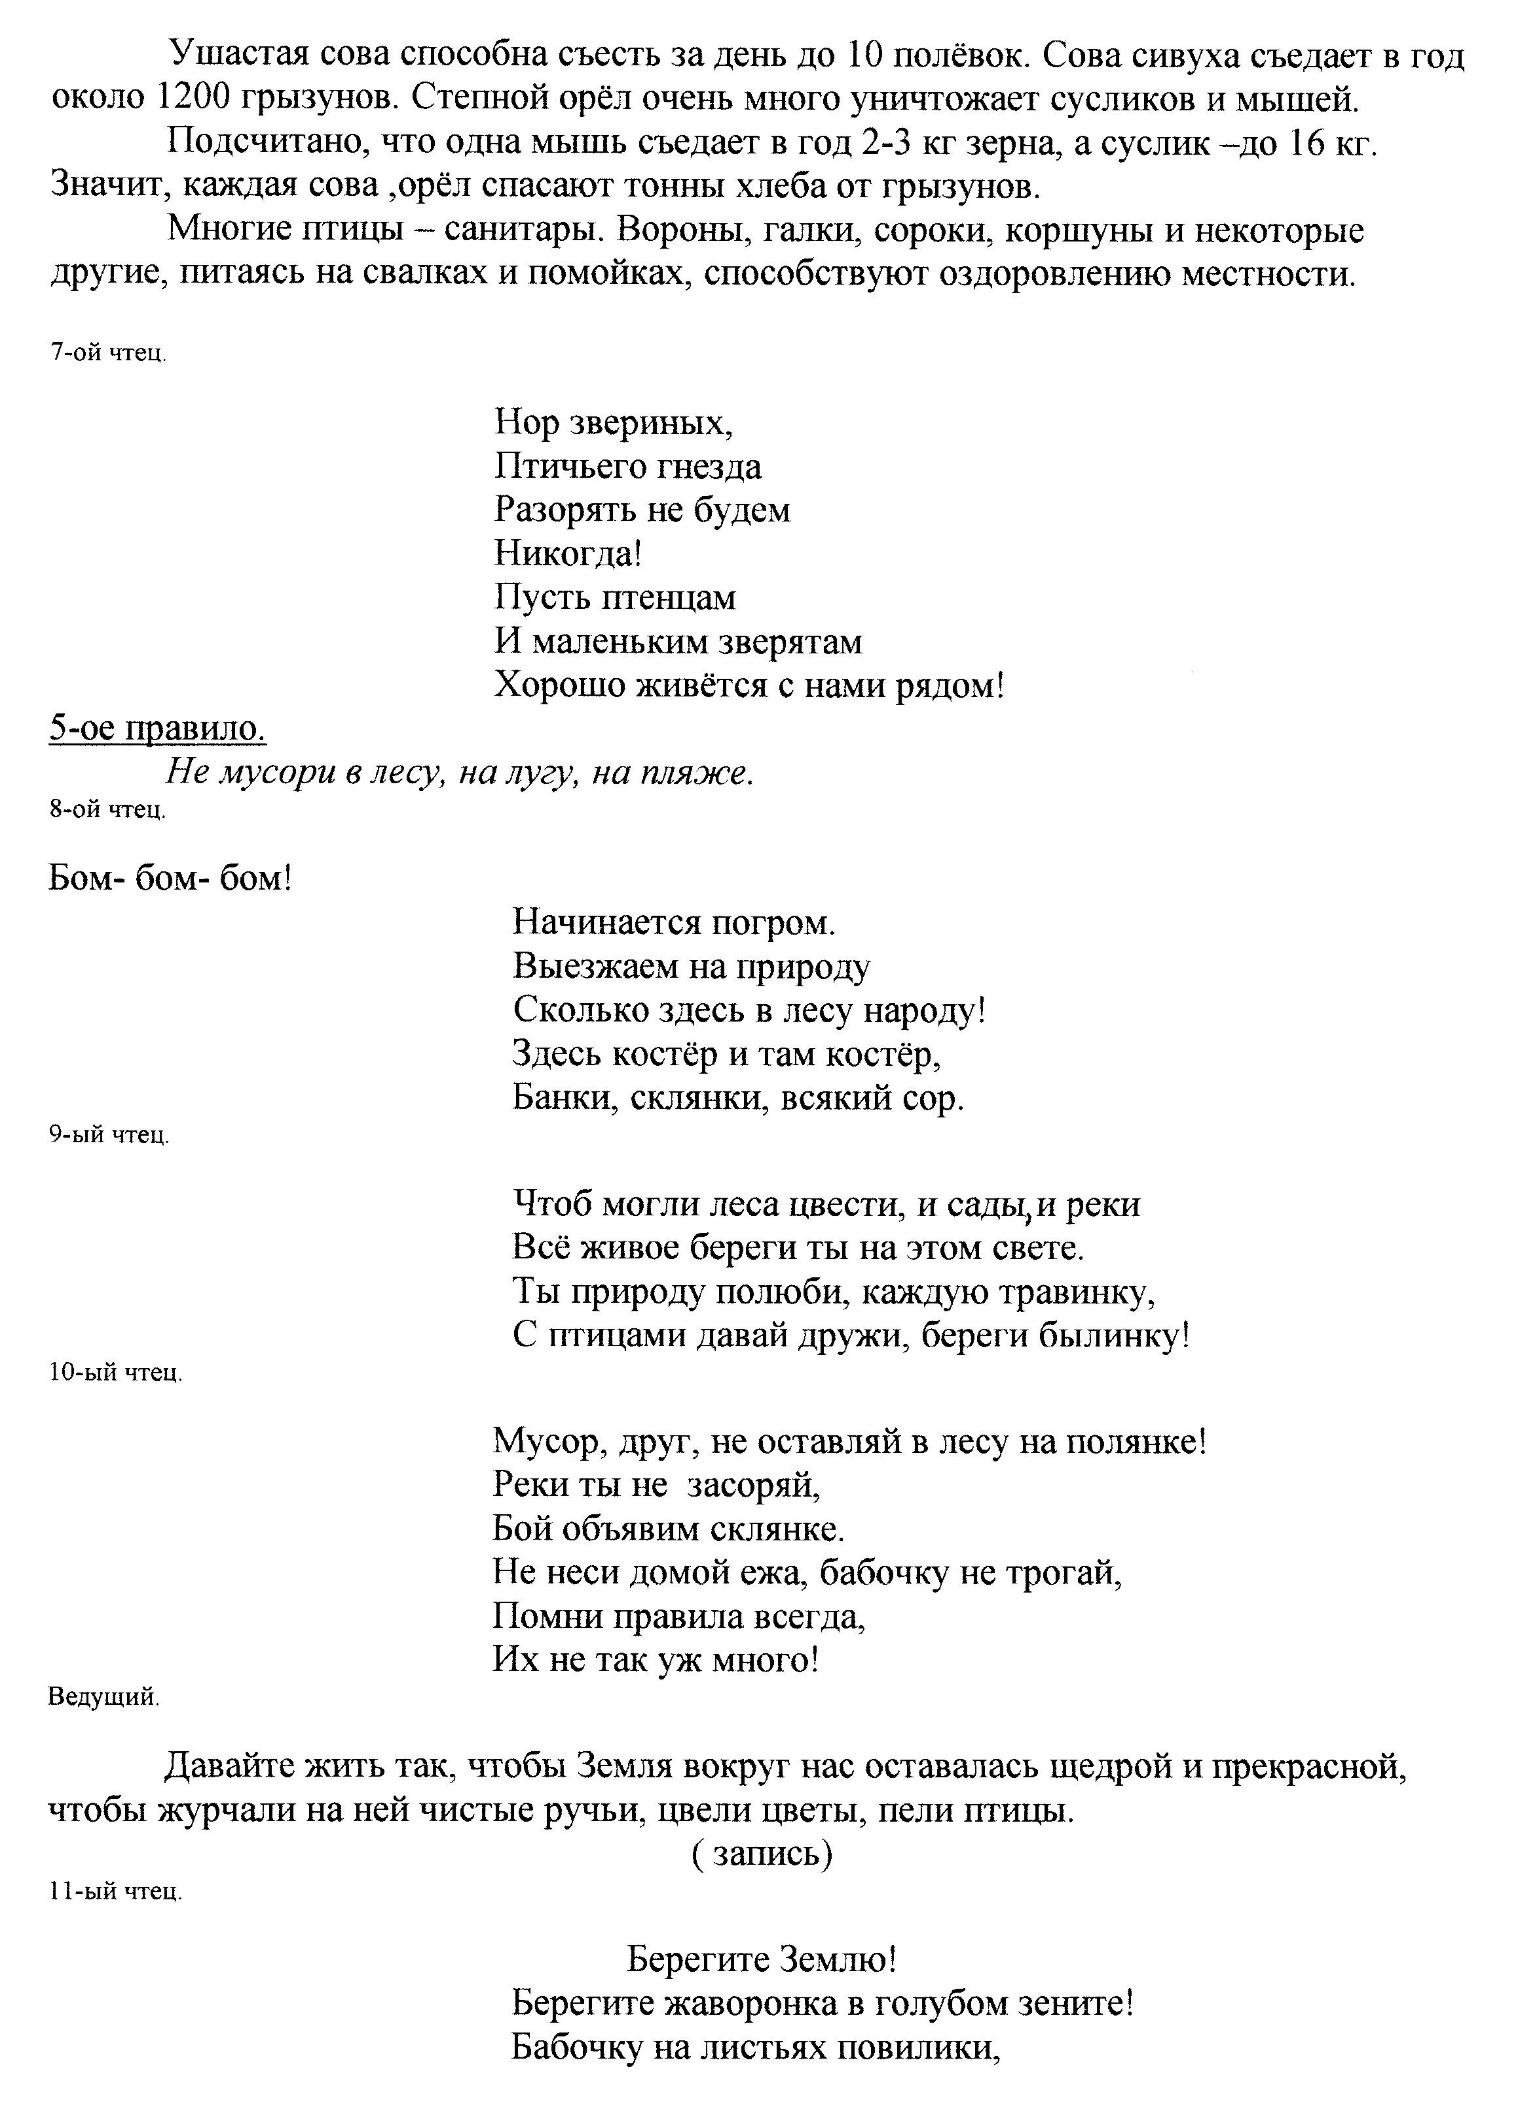 C:\Users\ЛАРИСА\Documents\Scanned Documents\Рисунок (158).jpg